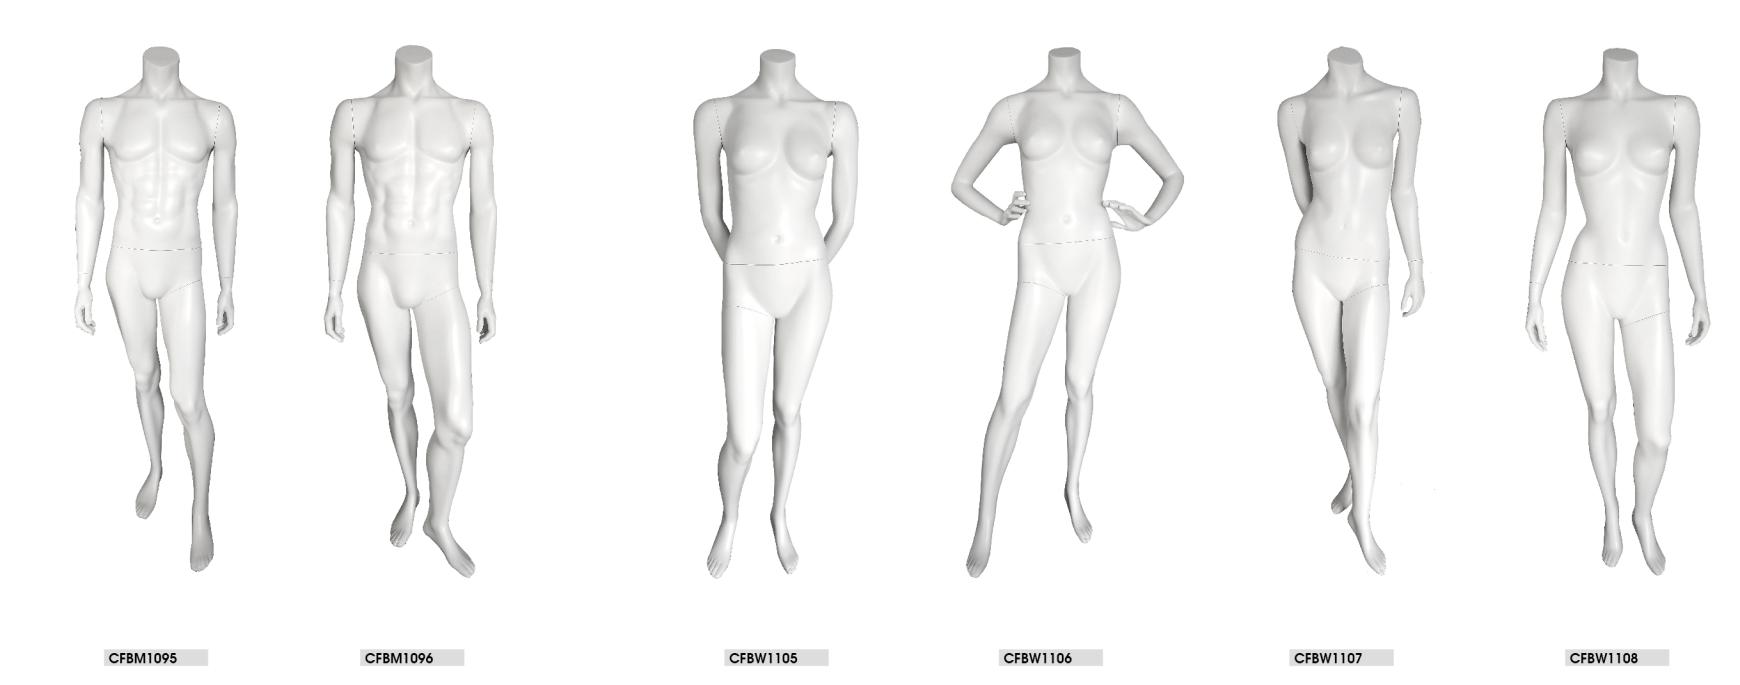 2015年新款服装展示模特